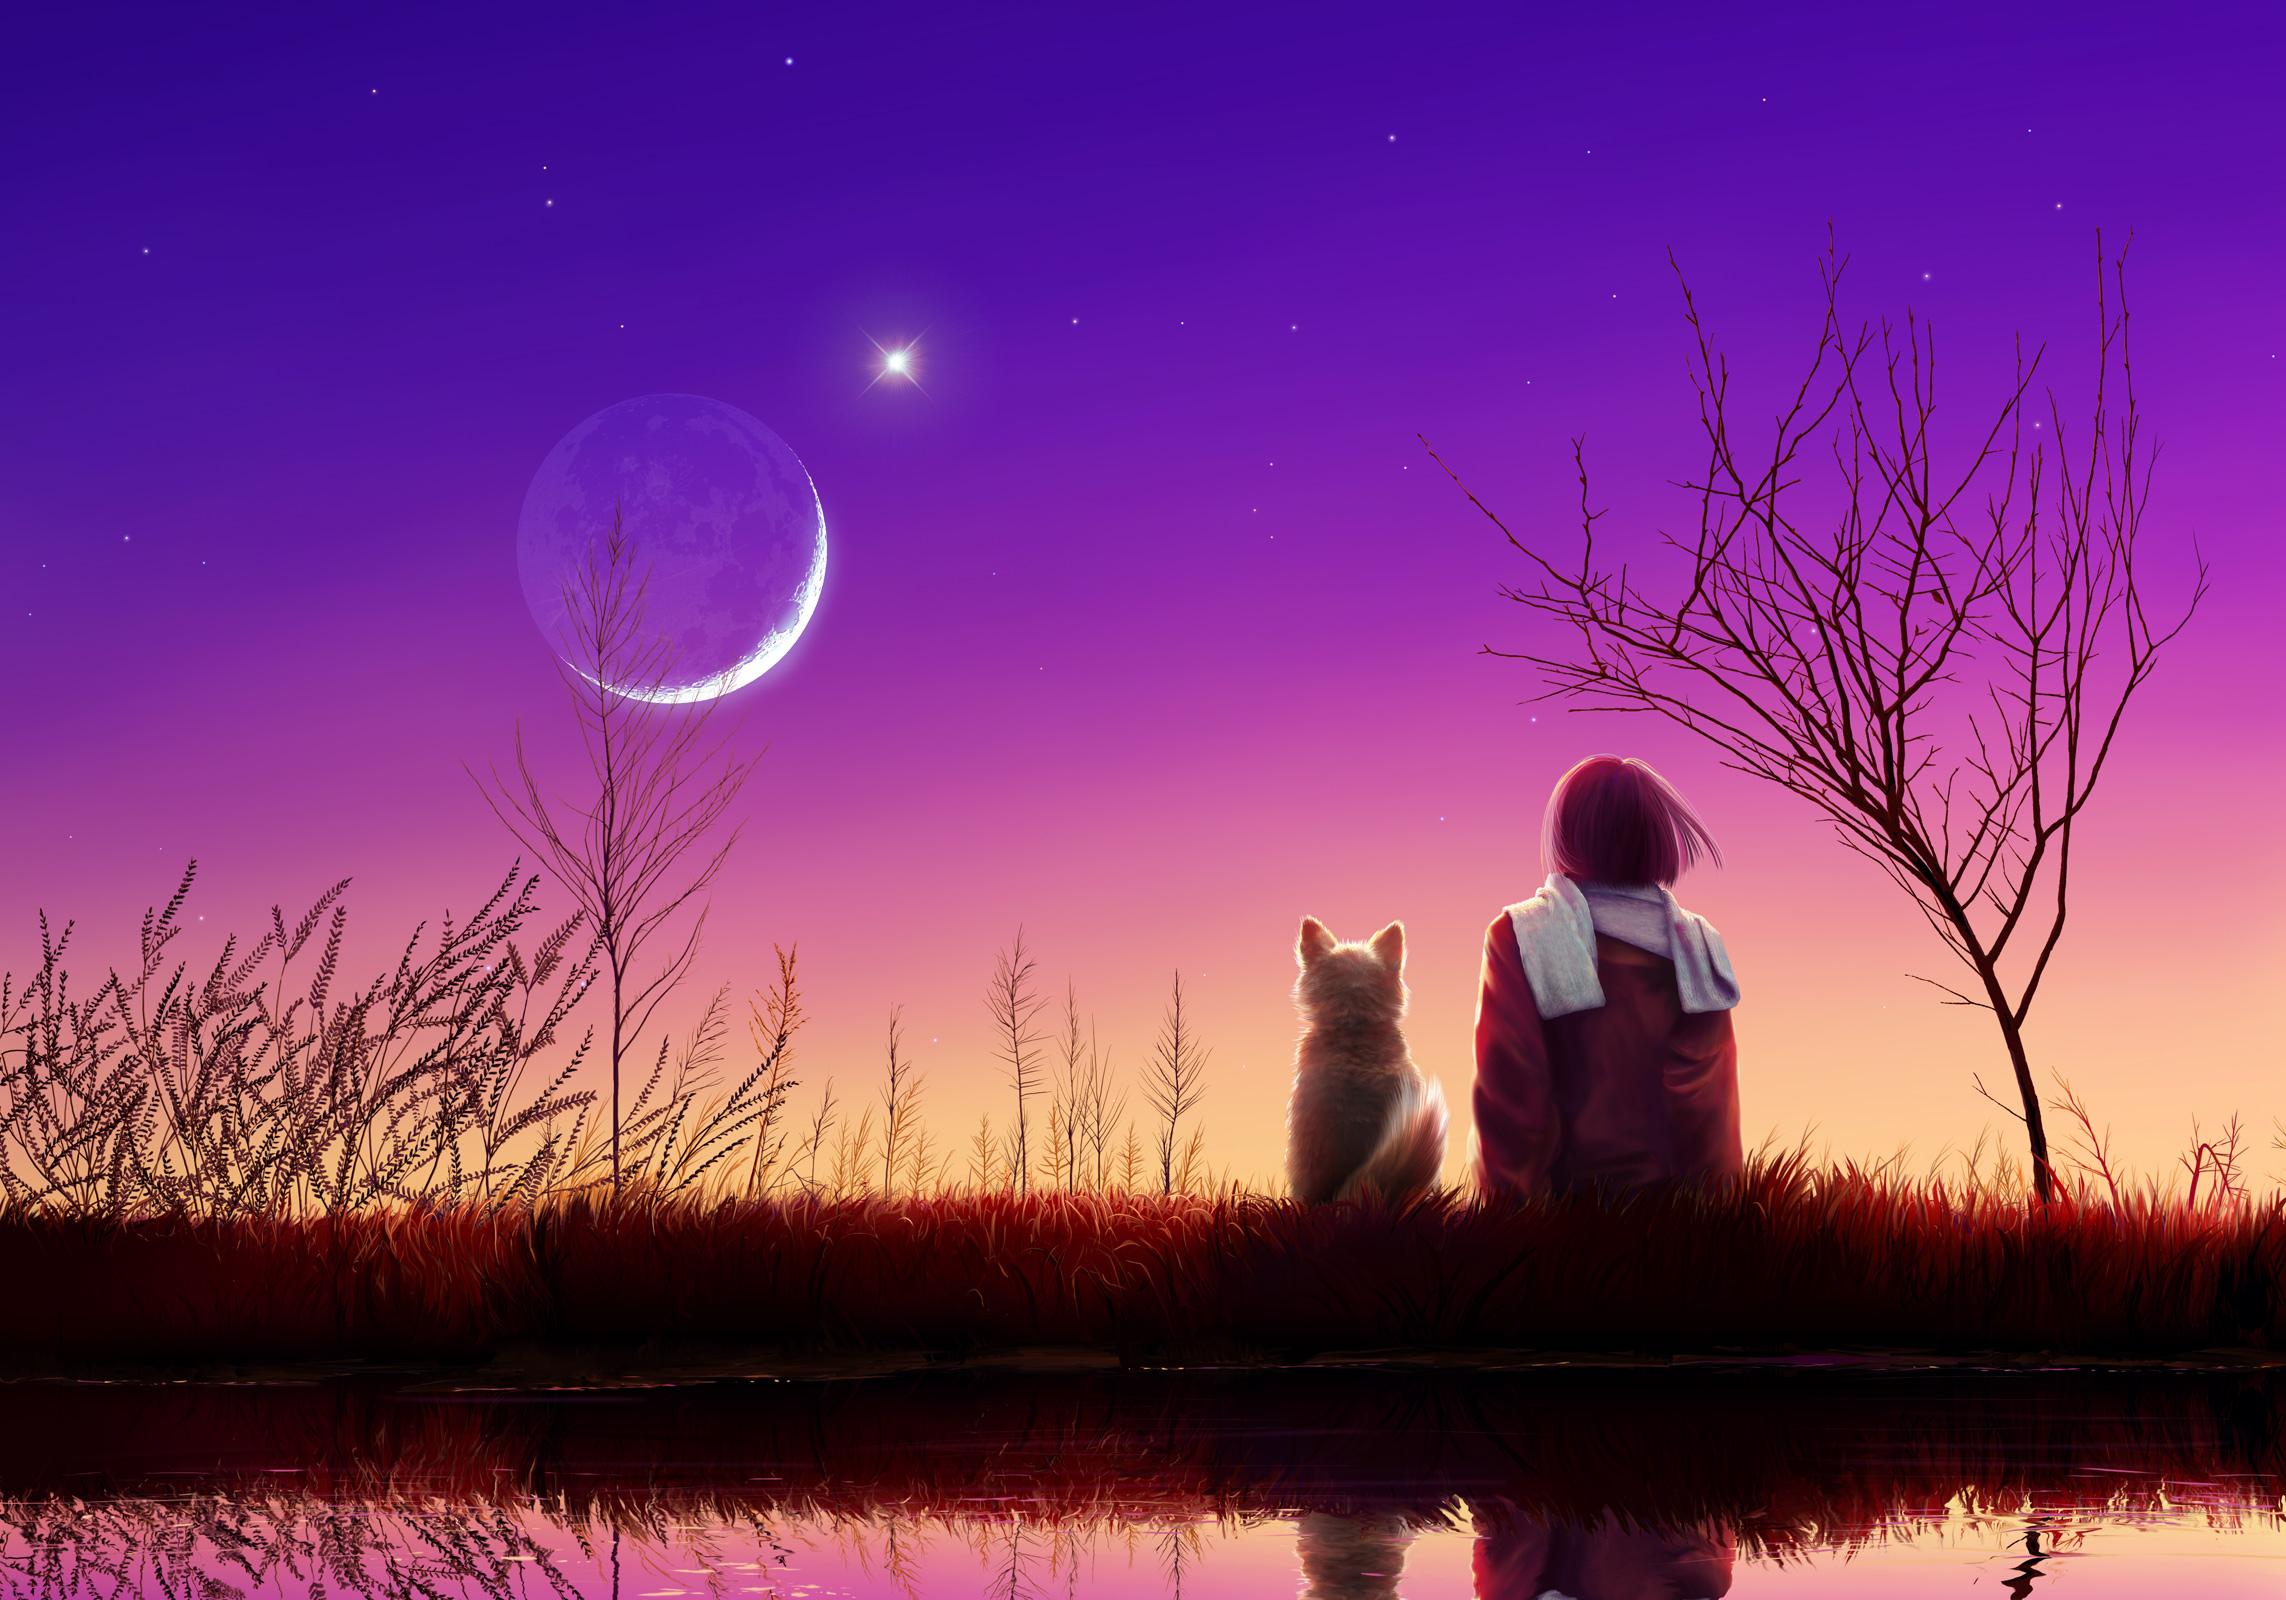 https://maessage.wordpress.com — femme vue de dos assise au bord de l'eau avec un chien à ses côtés. Tous deux observent la lune au lever du jour • peinture de Joh KAGAYA, peintre digital japonais : « Luna Garden » / « Jardin de Lune »